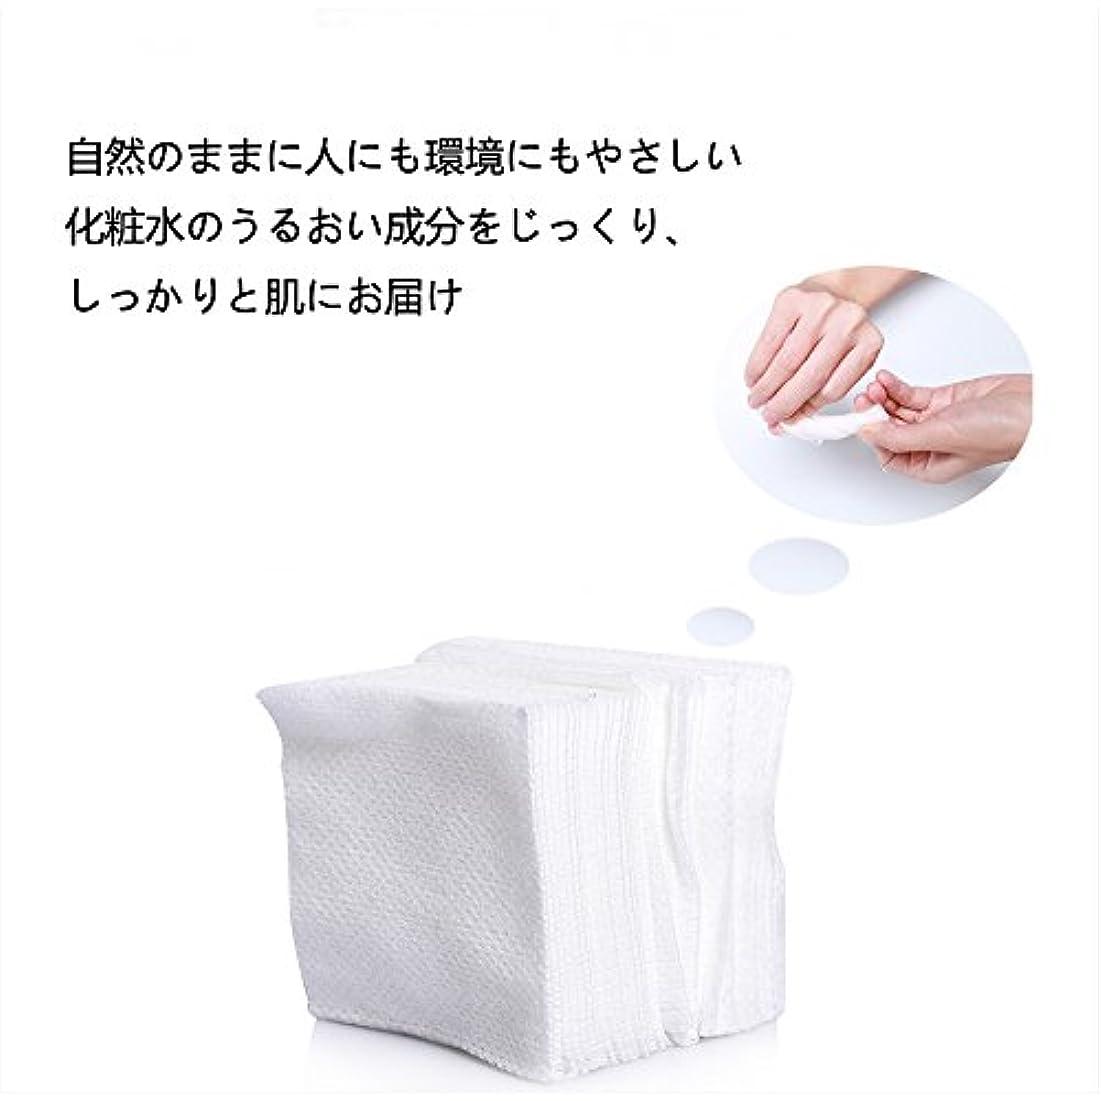 いたずらタンパク質分岐するコットンパフ 化粧用コットン 敏感肌 顔拭きシート メイクアップ コットン 100枚入